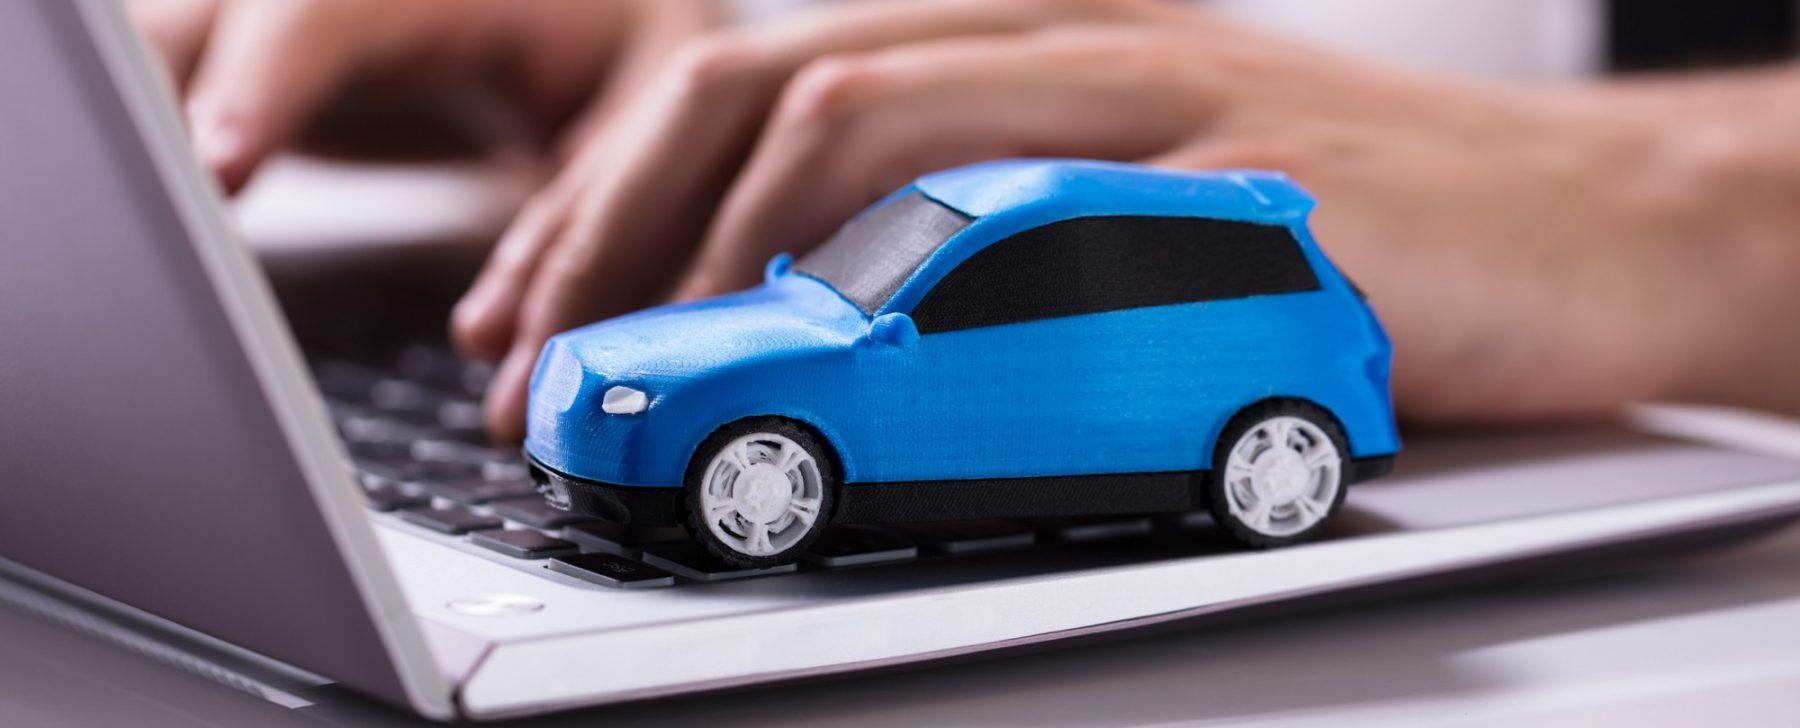 Cinco nuevas formas de comprar un coche de segunda mano en internet